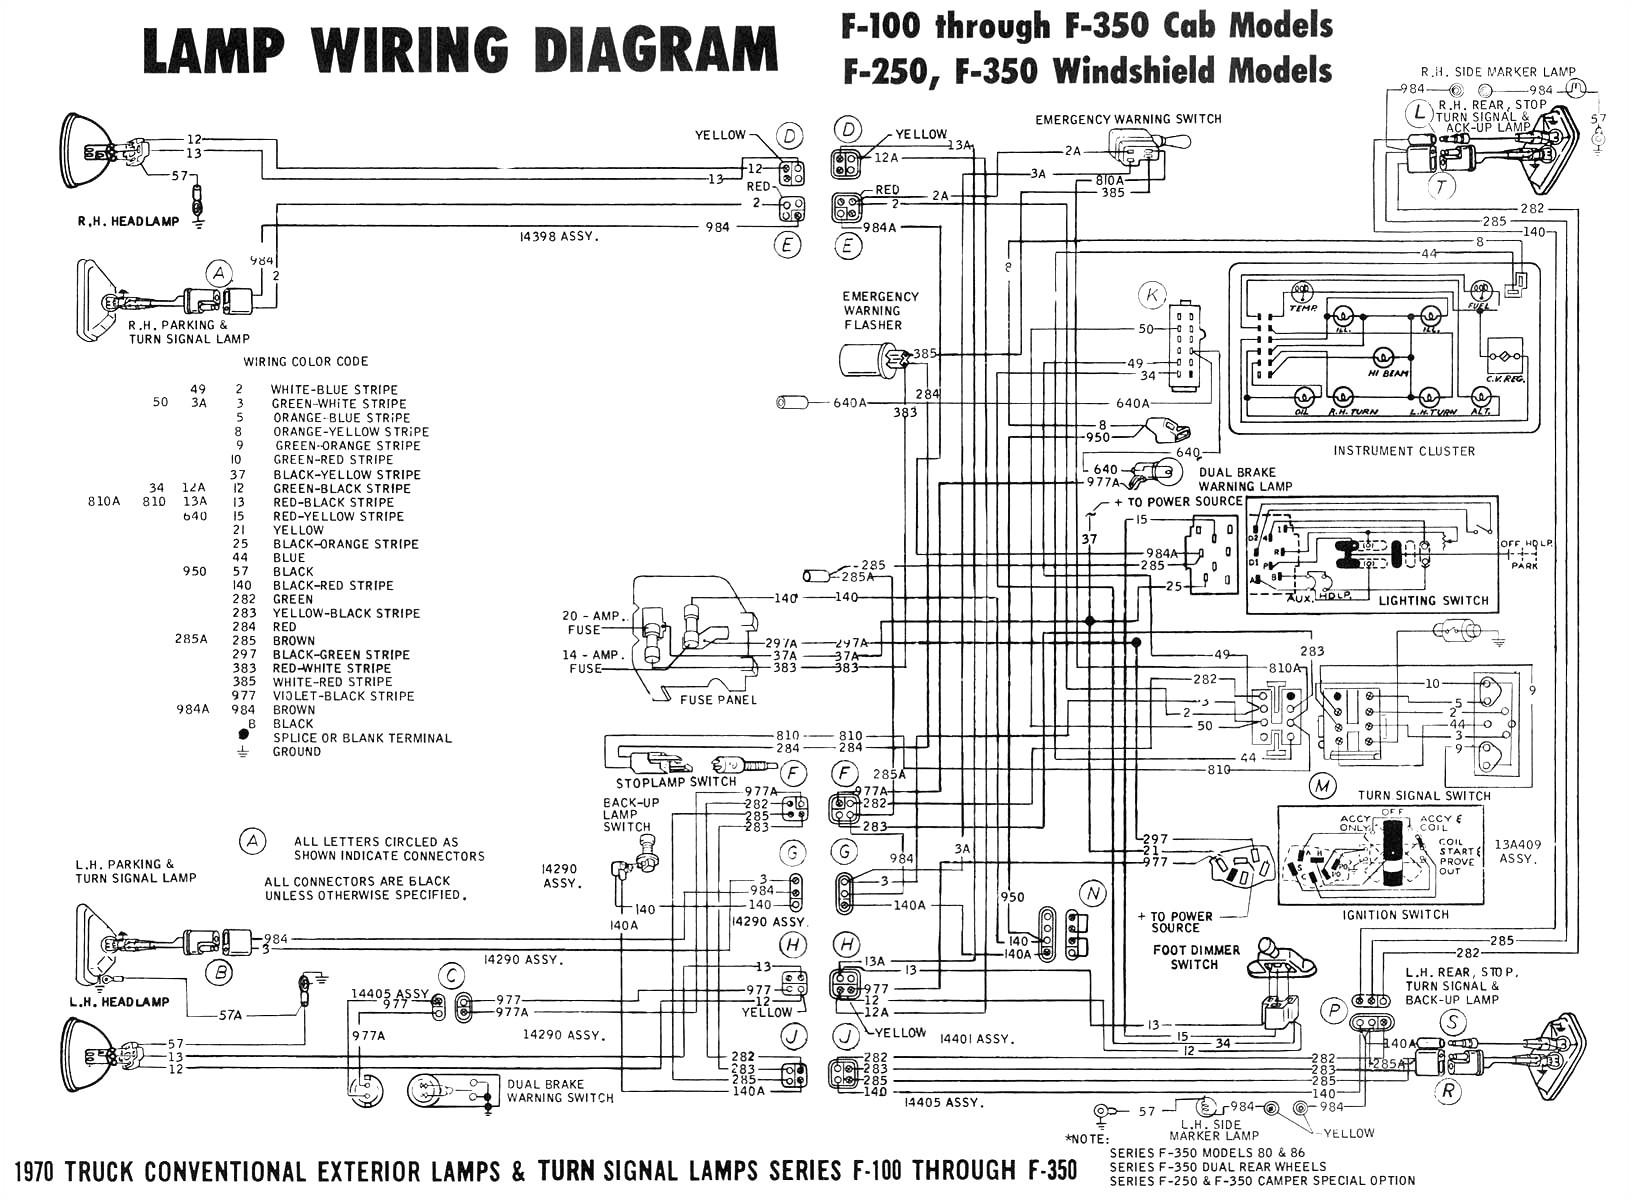 ford f 350 turn signal wiring diagram wiring diagram local 2006 ford fusion turn signal wiring diagram 2006 f350 turn signal wiring diagram